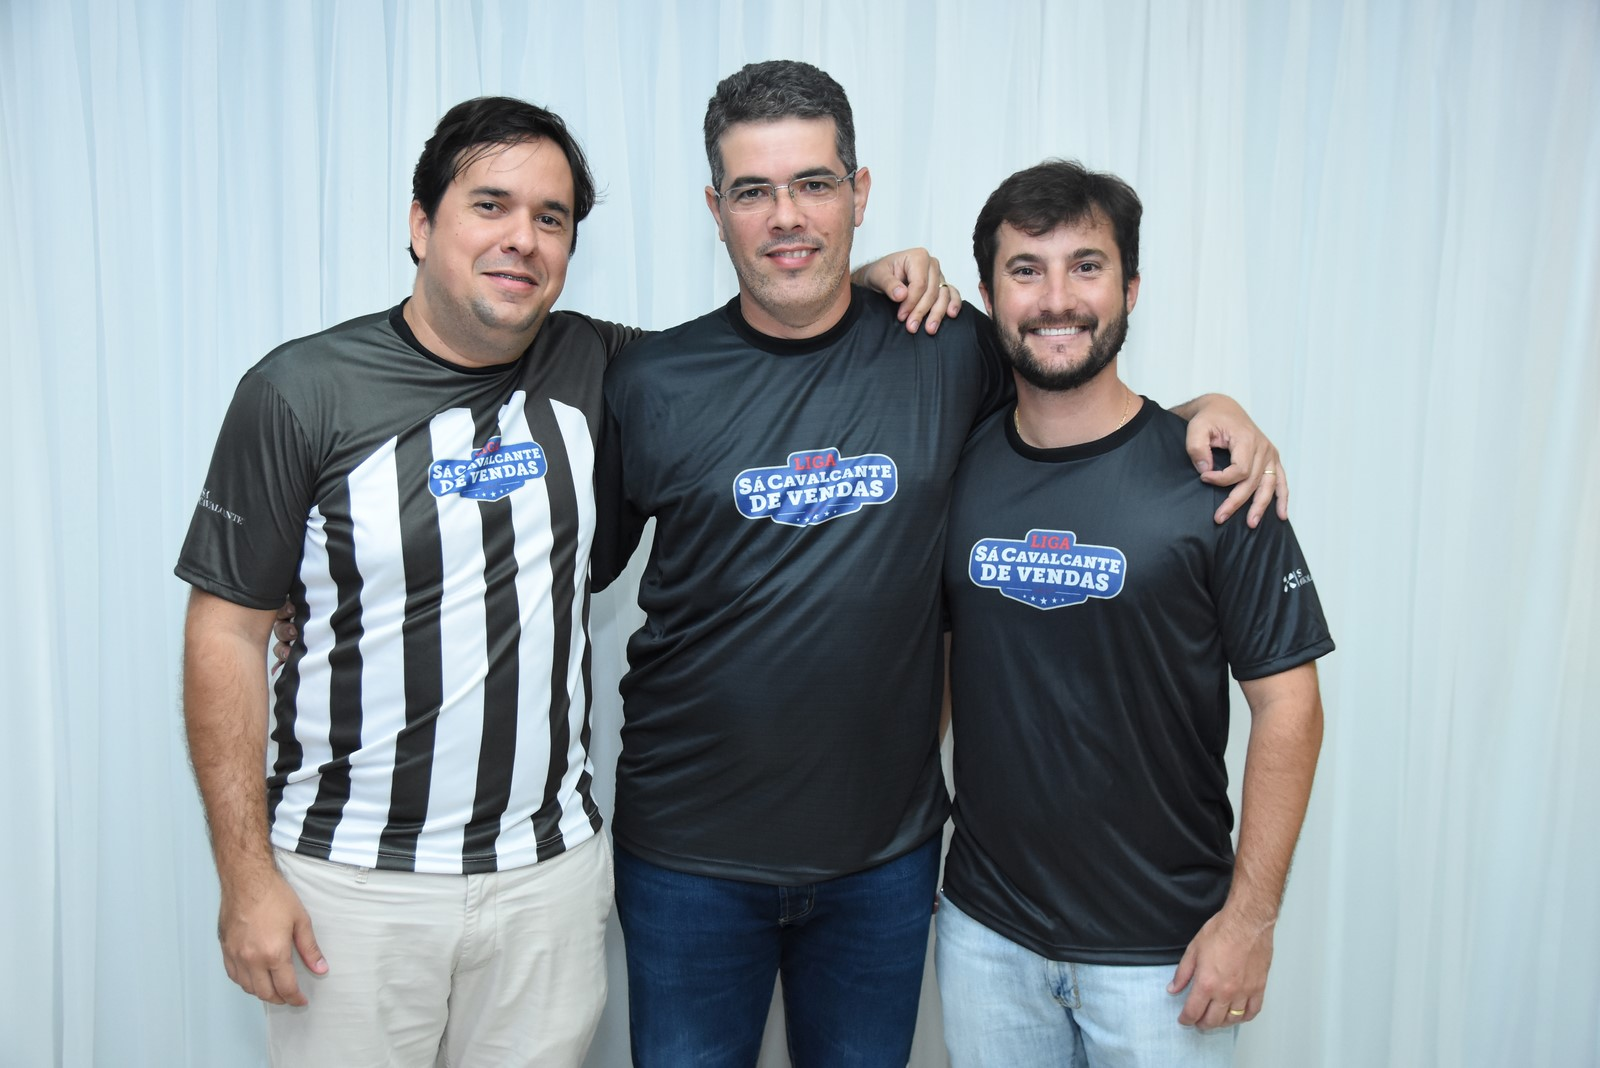 Otacilio Alexandre Diego Freire e Bruno Rigo (Gerente Regional de Engenharia da Sá Cavalcante).